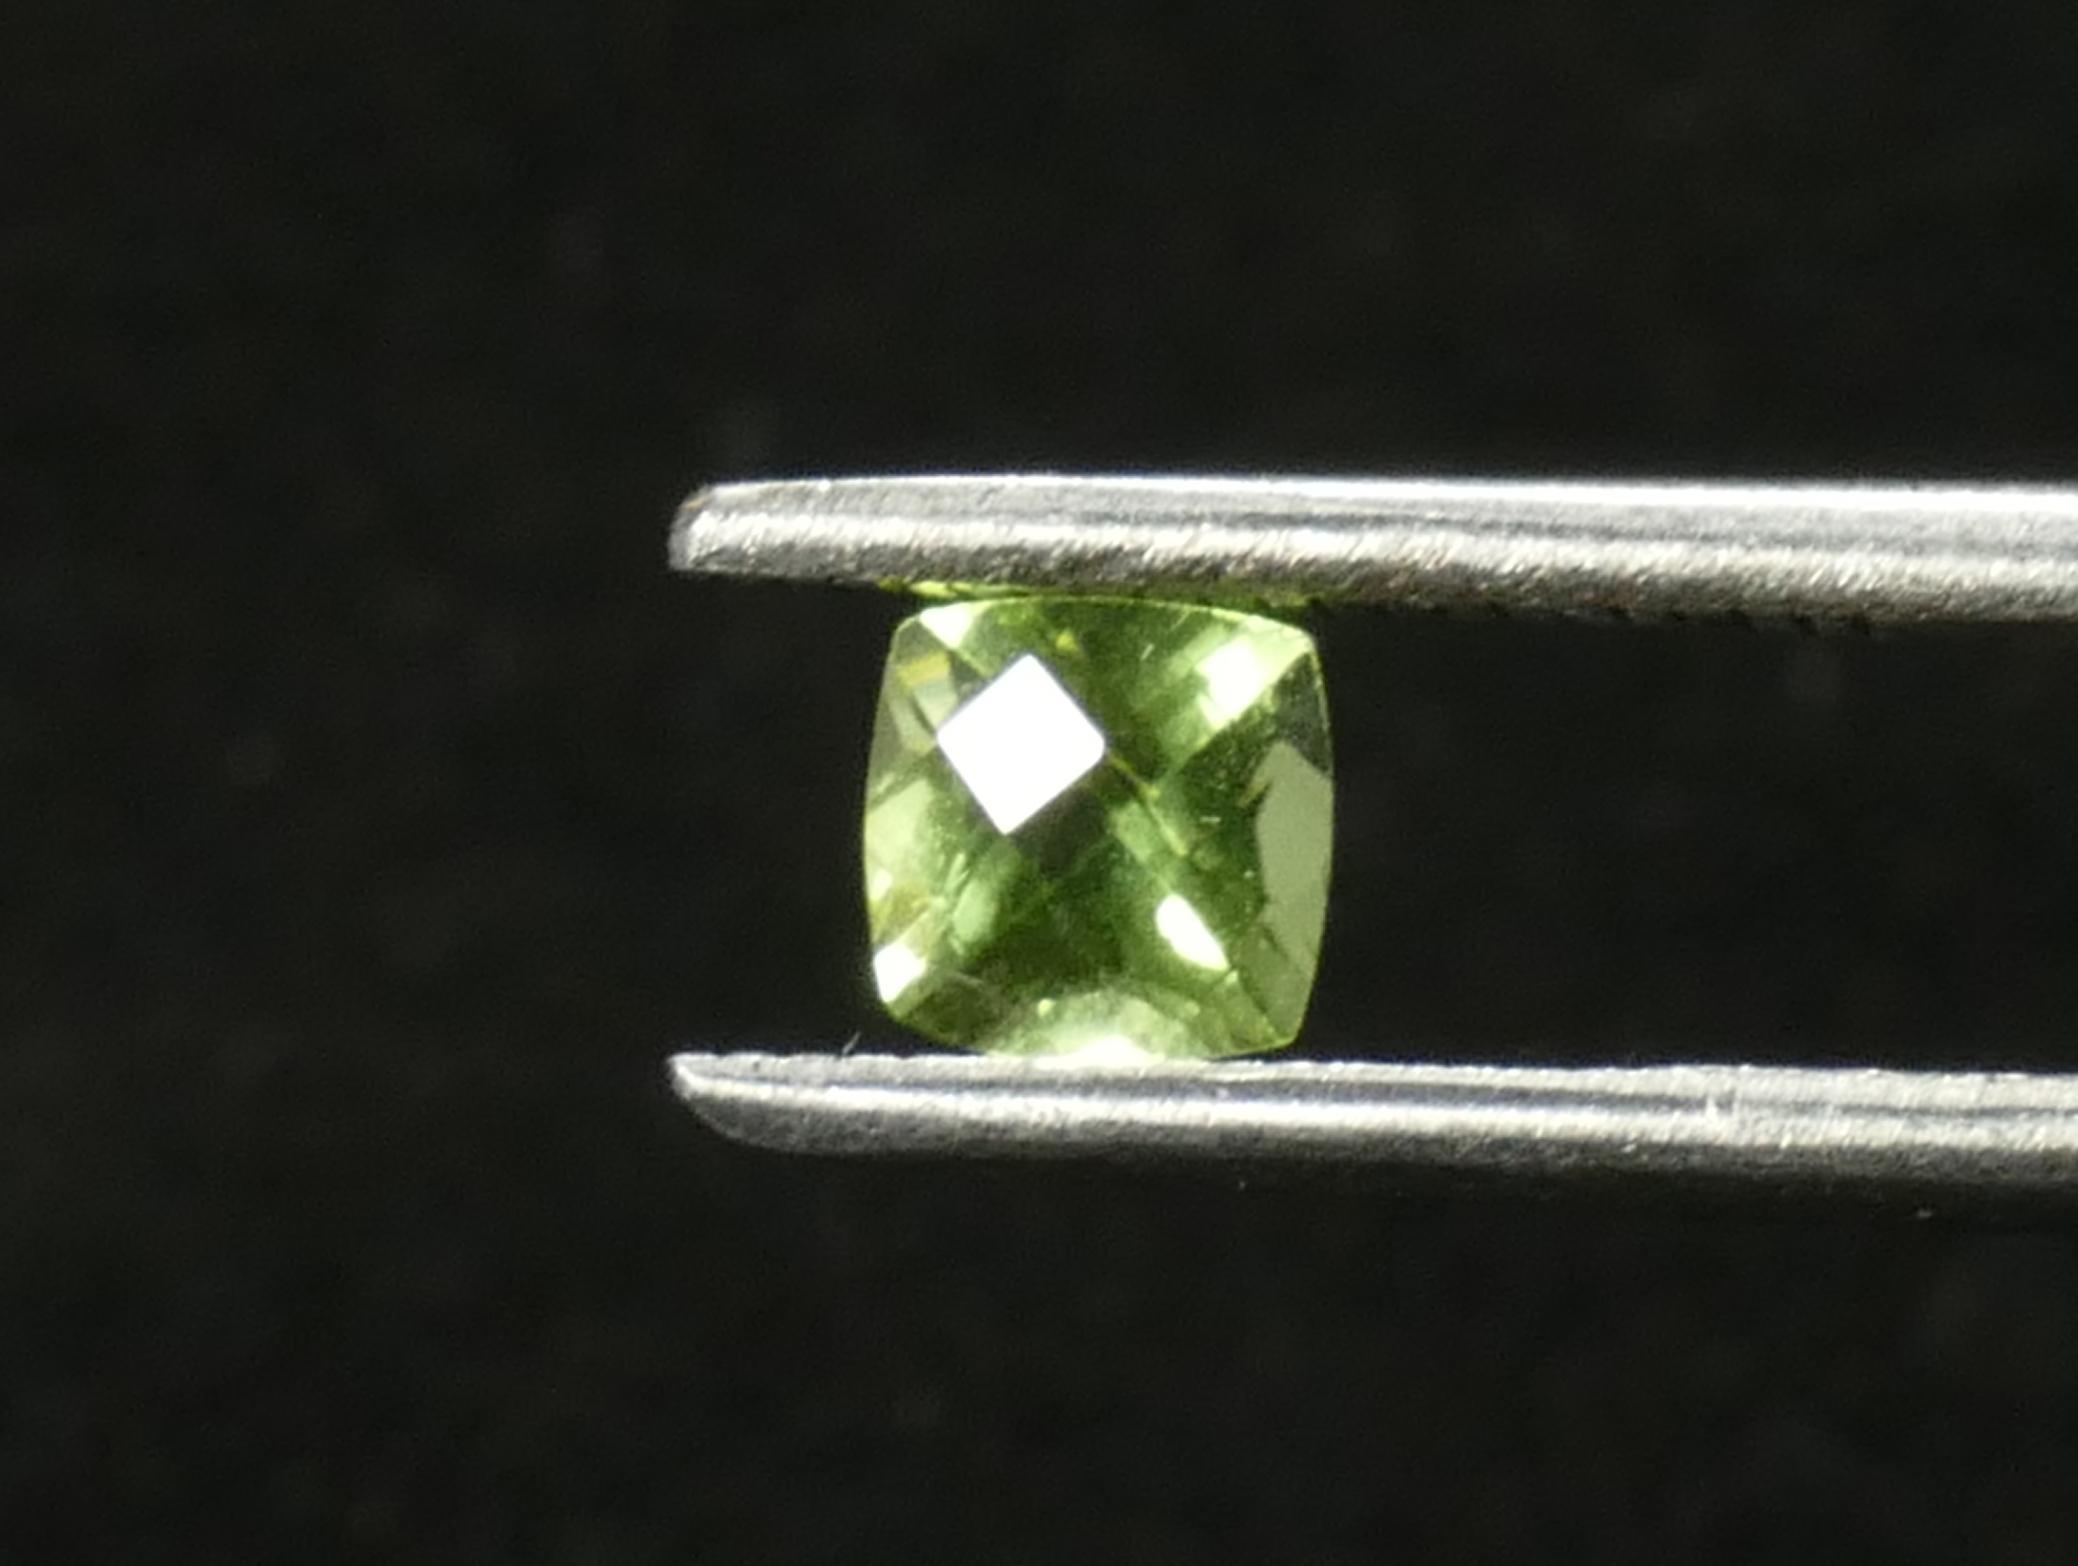 5mm Péridot naturel de Chine facettée coussin carré damier 0.70ct VS-VVS couleur exceptionnelle (#PB670)